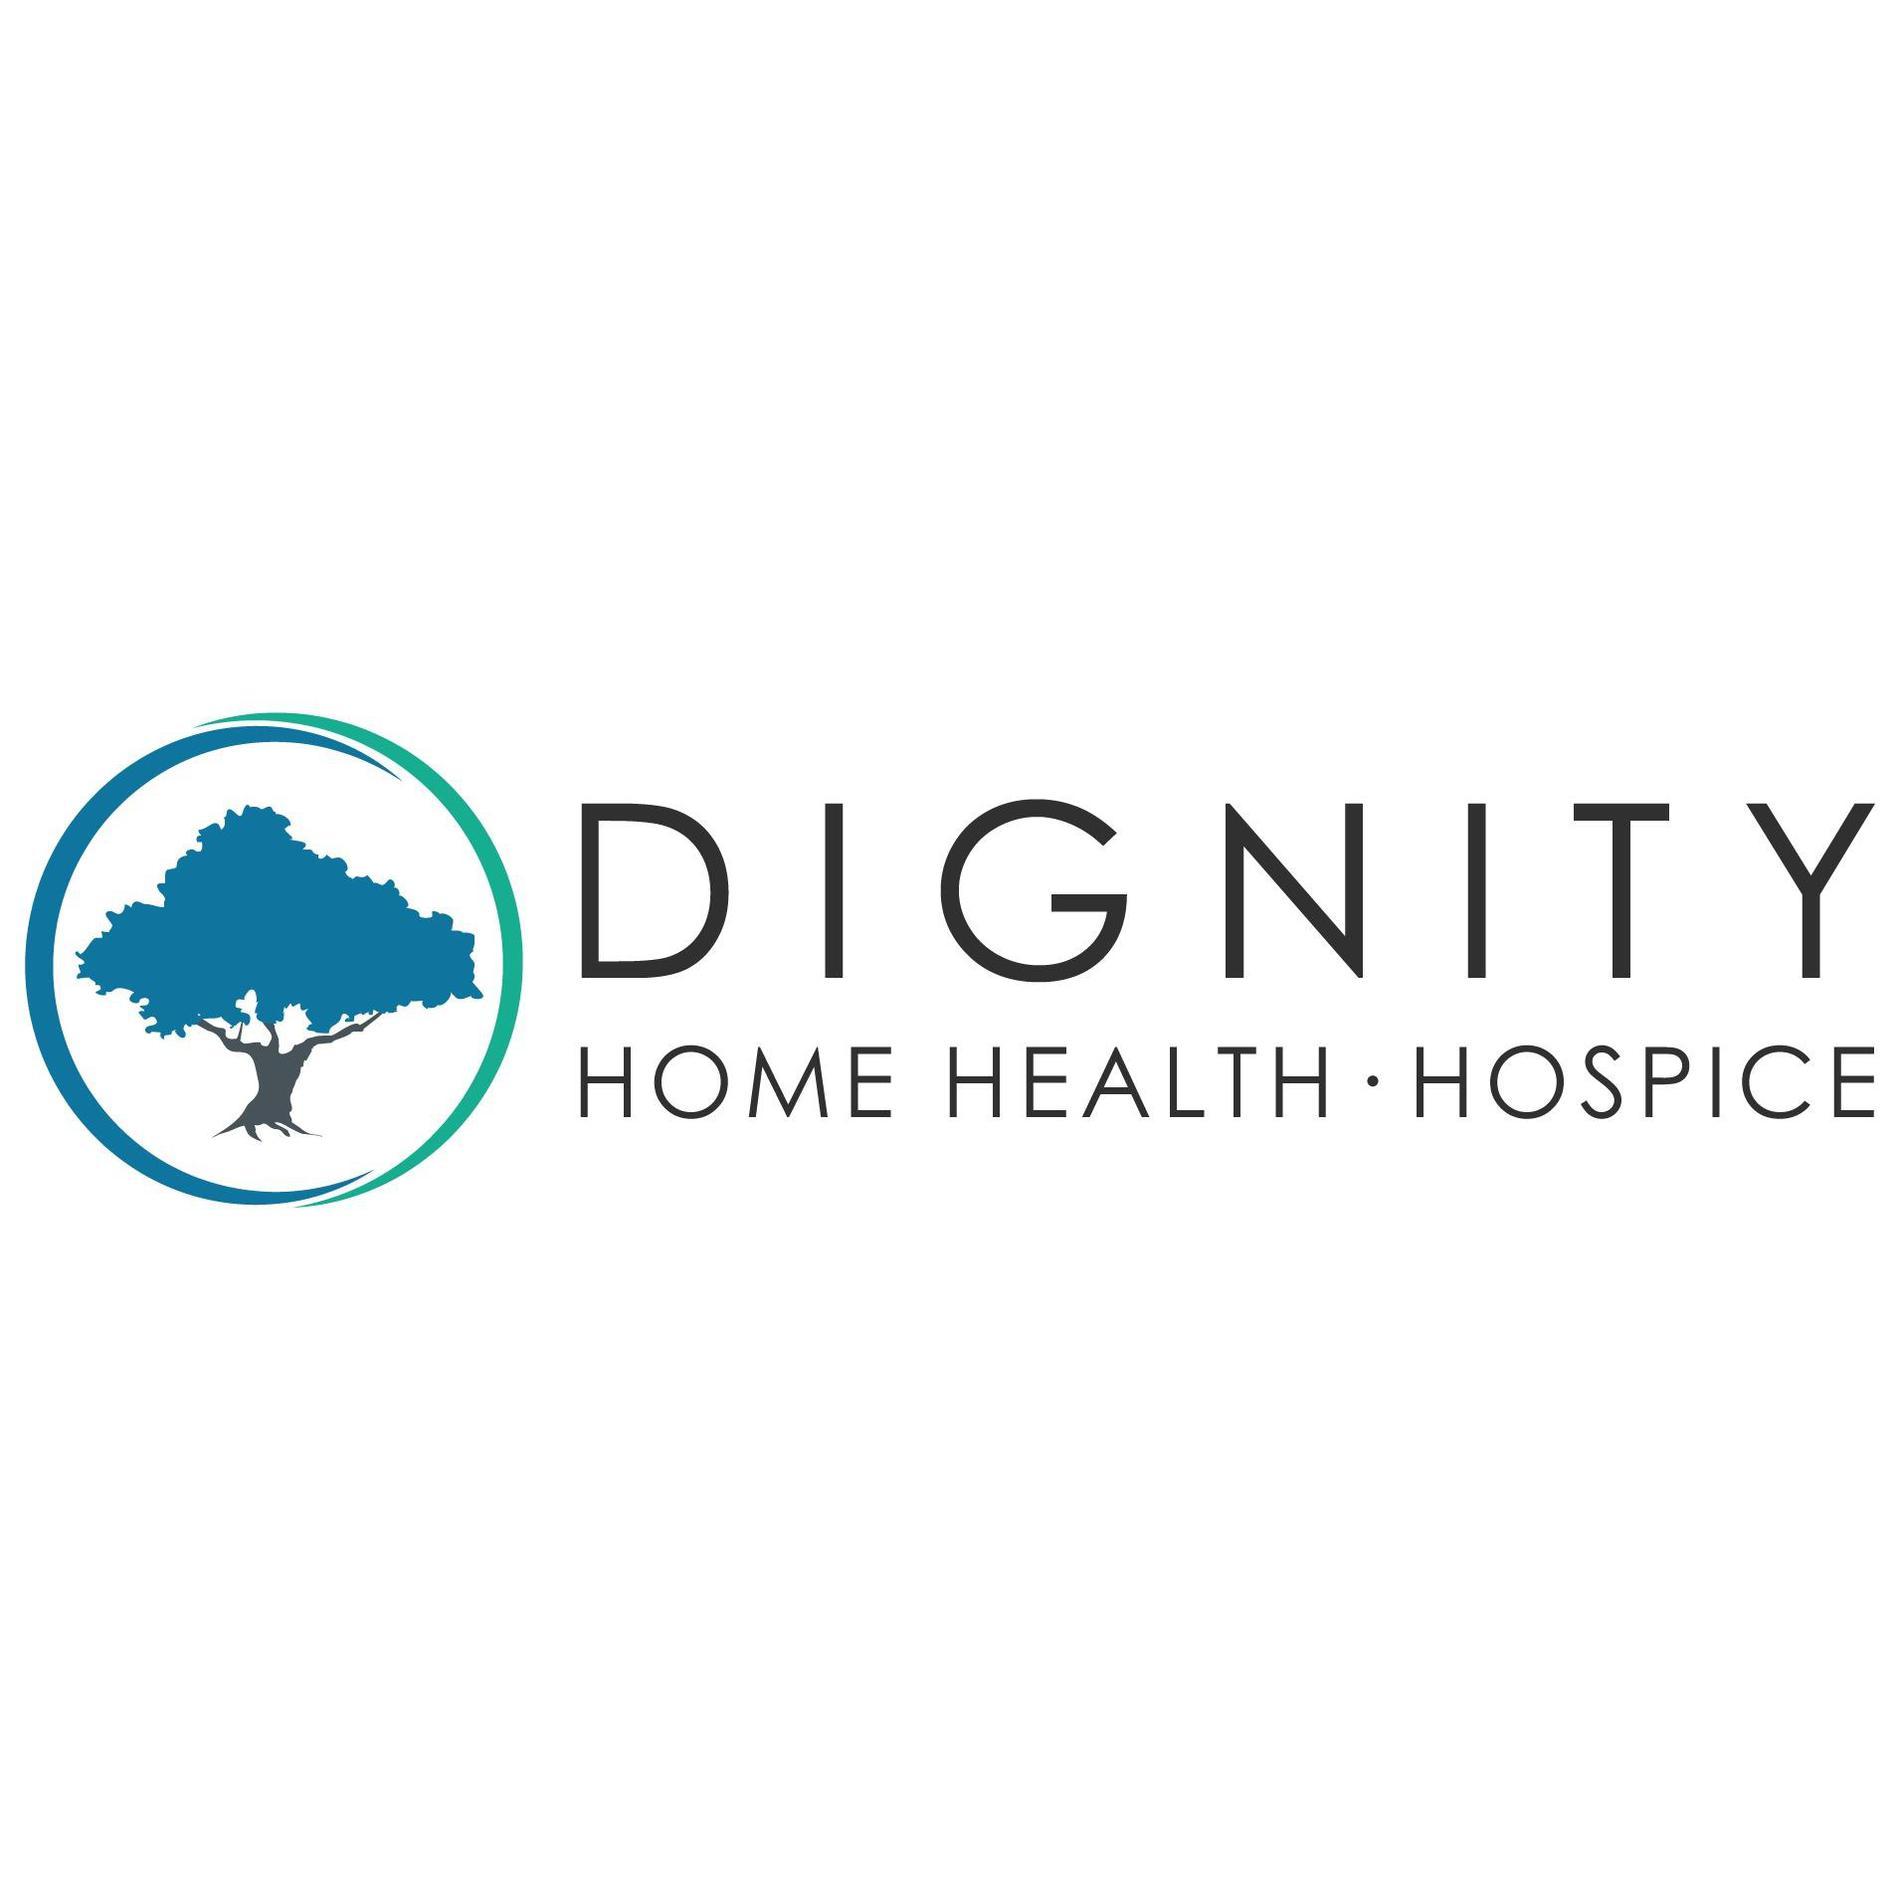 Dignity Home Health & Hospice - Salt Lake City, UT 84117 - (801)934-6279 | ShowMeLocal.com